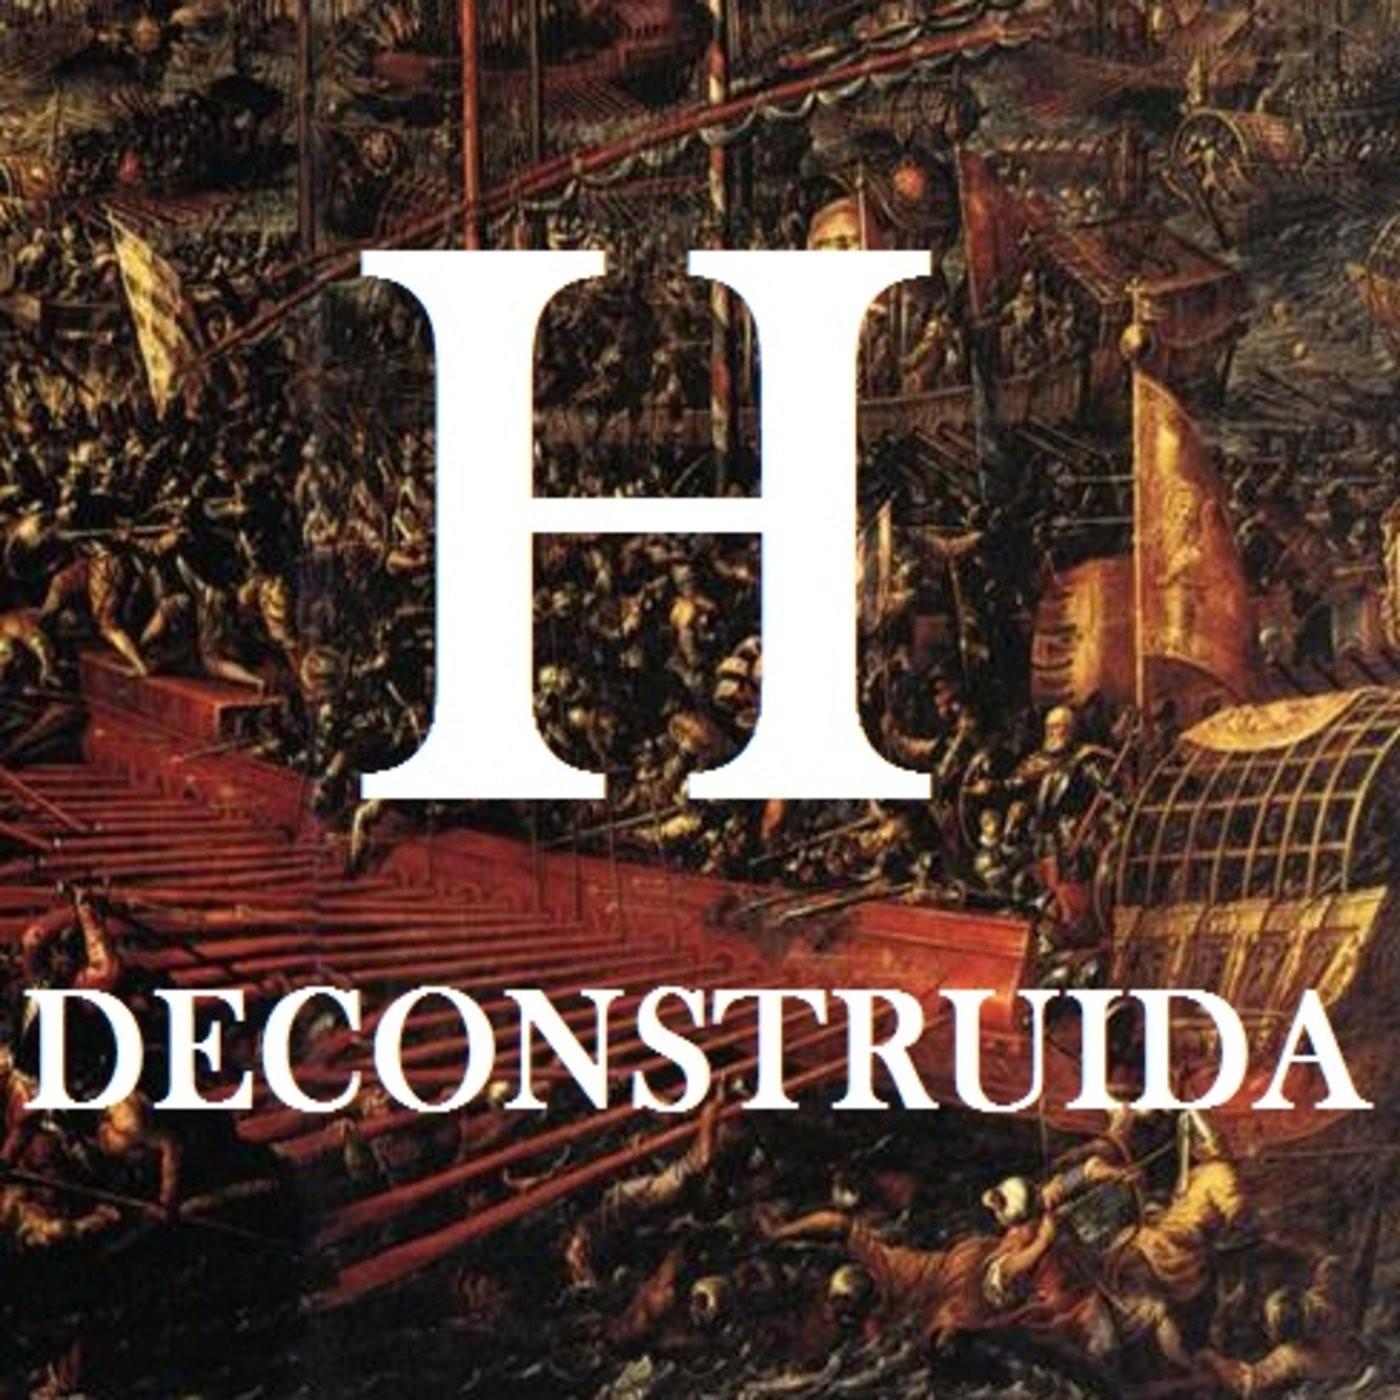 <![CDATA[Podcast de Historia Deconstruida]]>